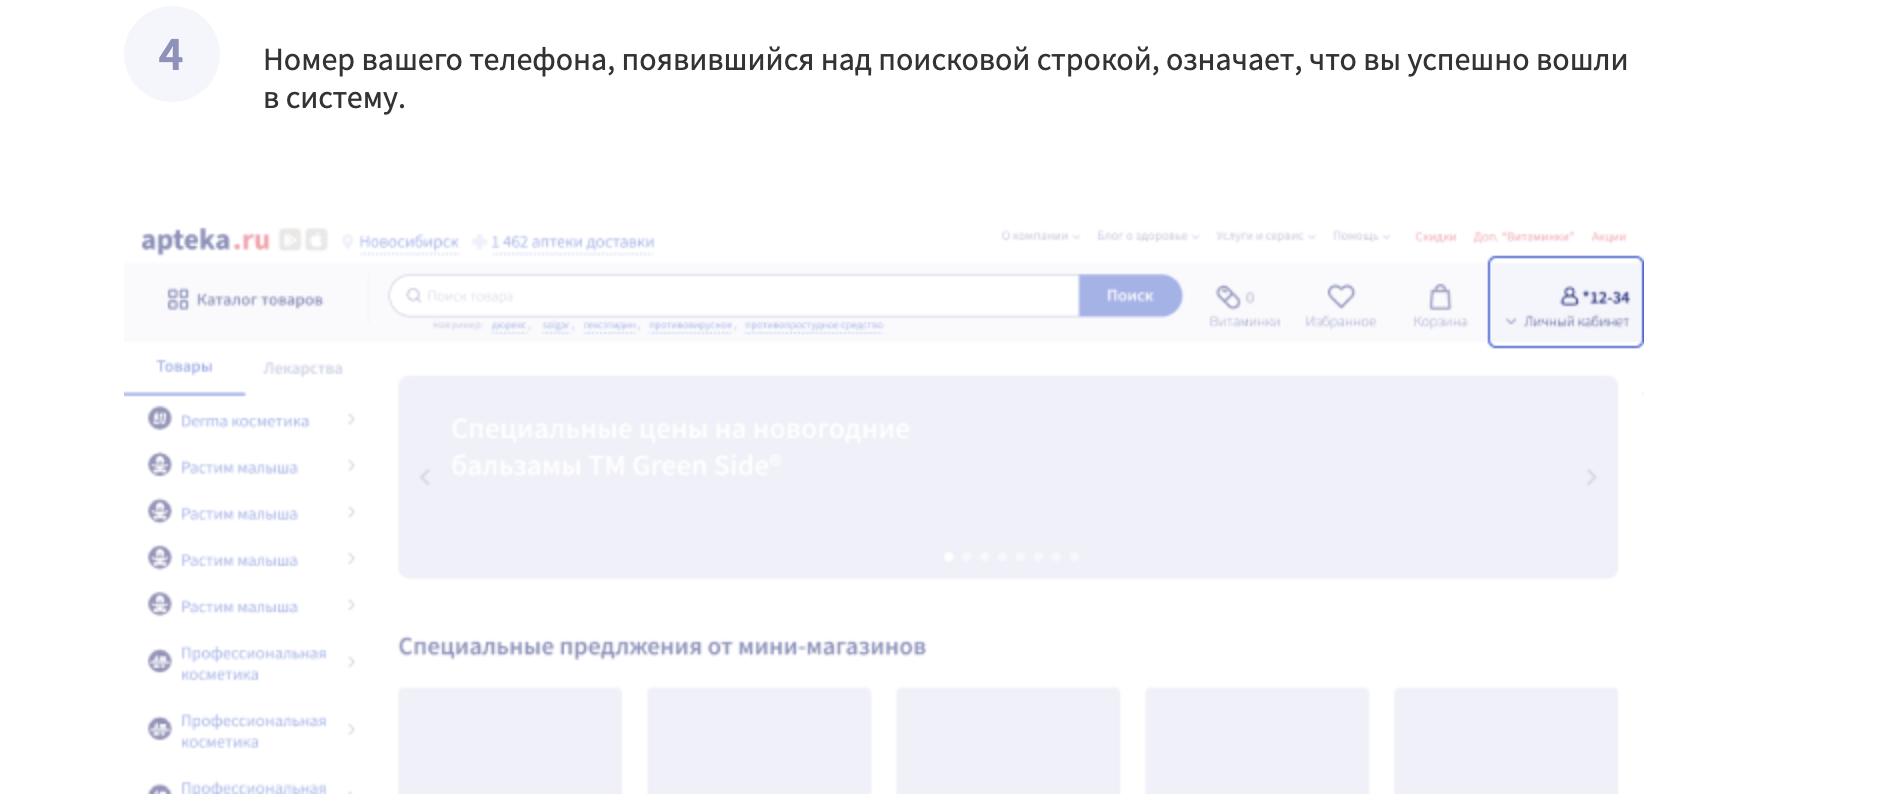 заказ лекарств в Apteka.ru